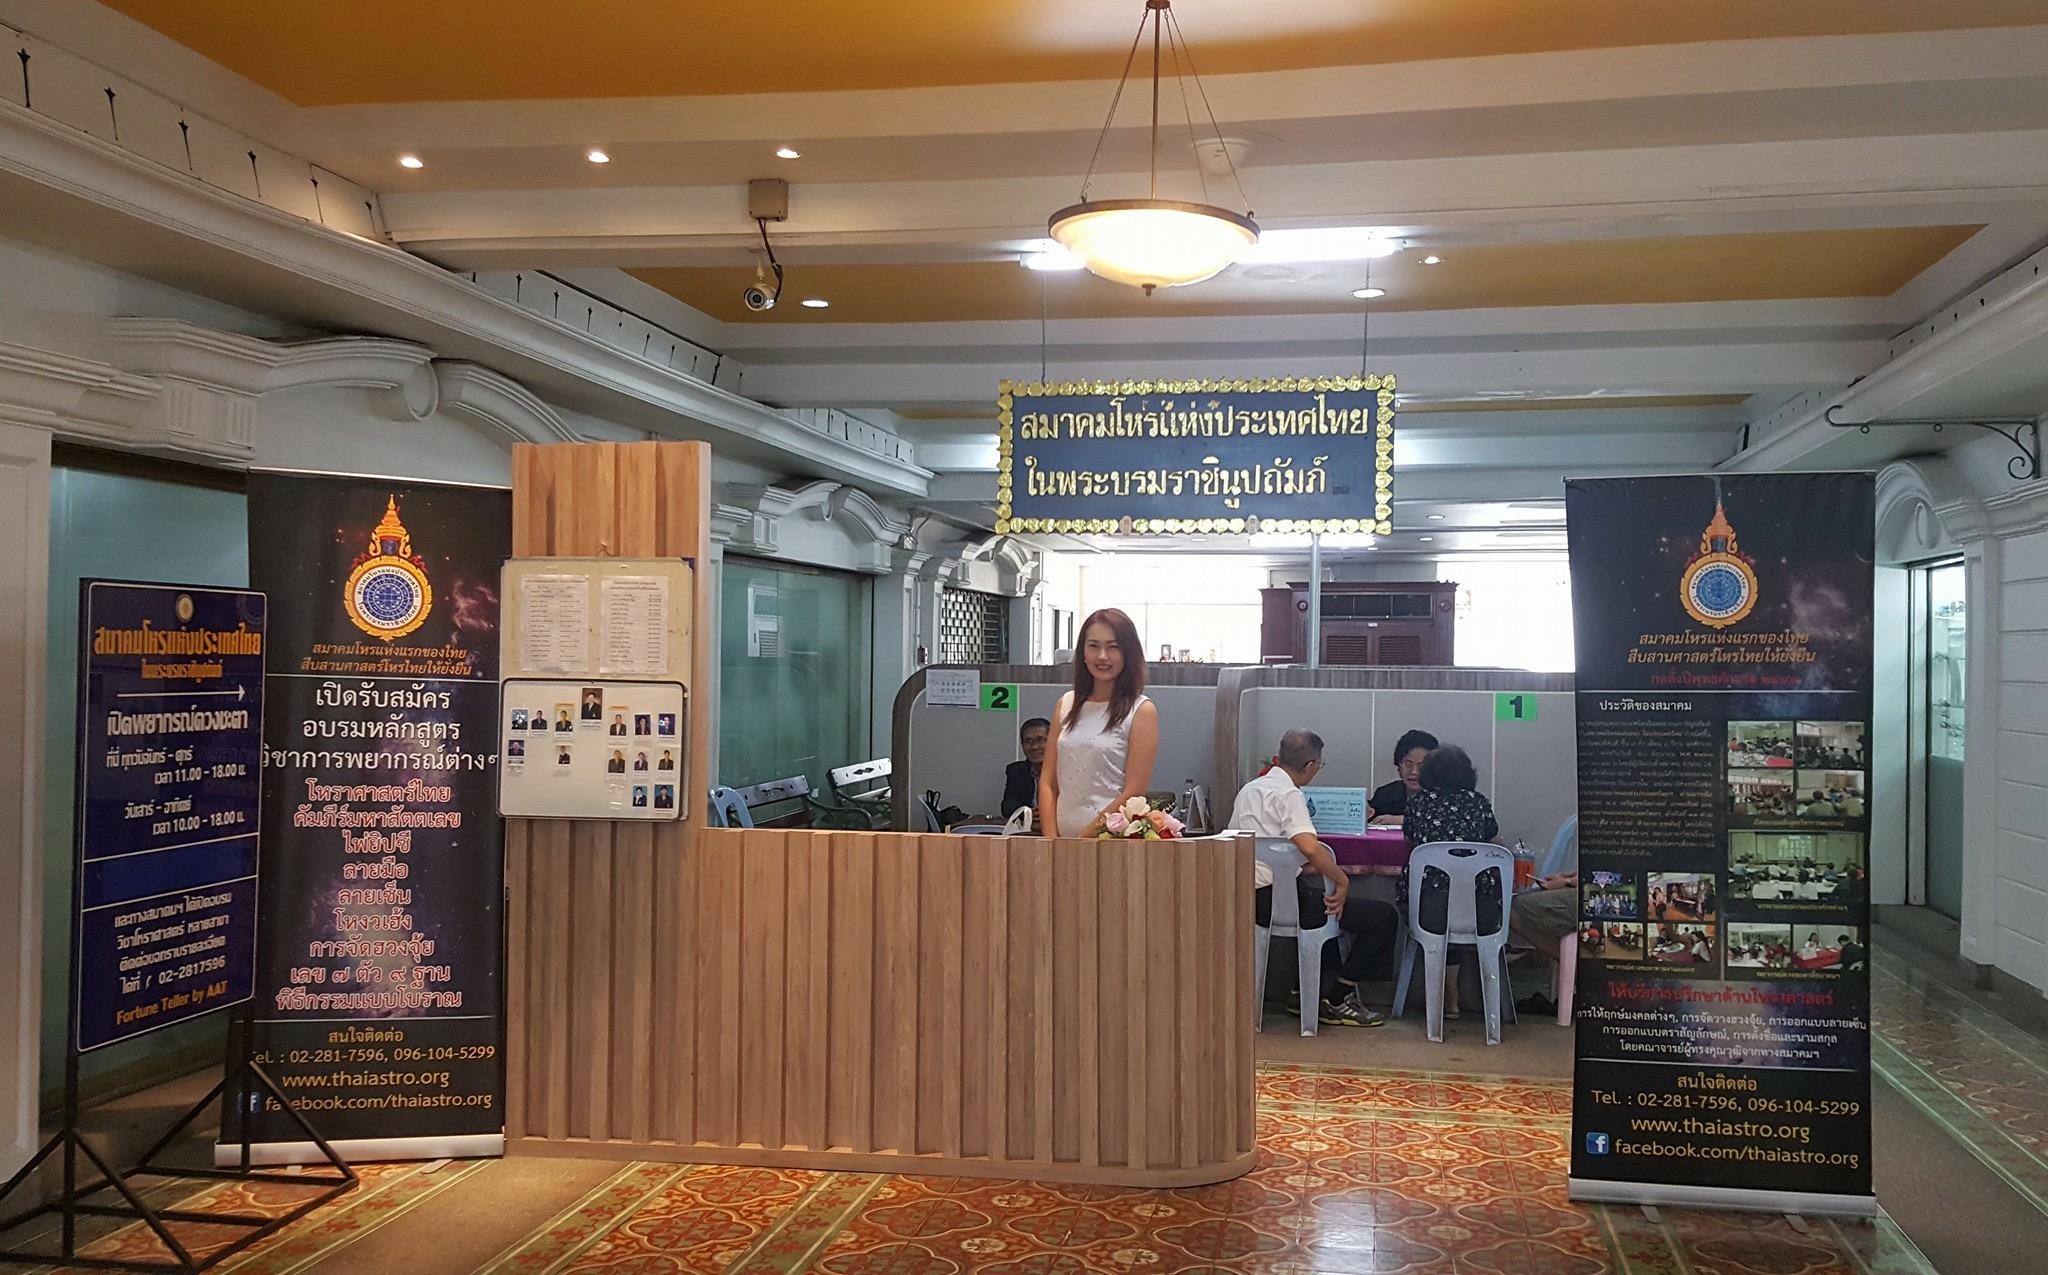 ตรวจดวงชะตา ที่ดิโอลด์สยามพลาซ่า ชั้น 1และ 3 –  สมาคมโหรแห่งประเทศไทยในพระบรมราชินูปถัมภ์